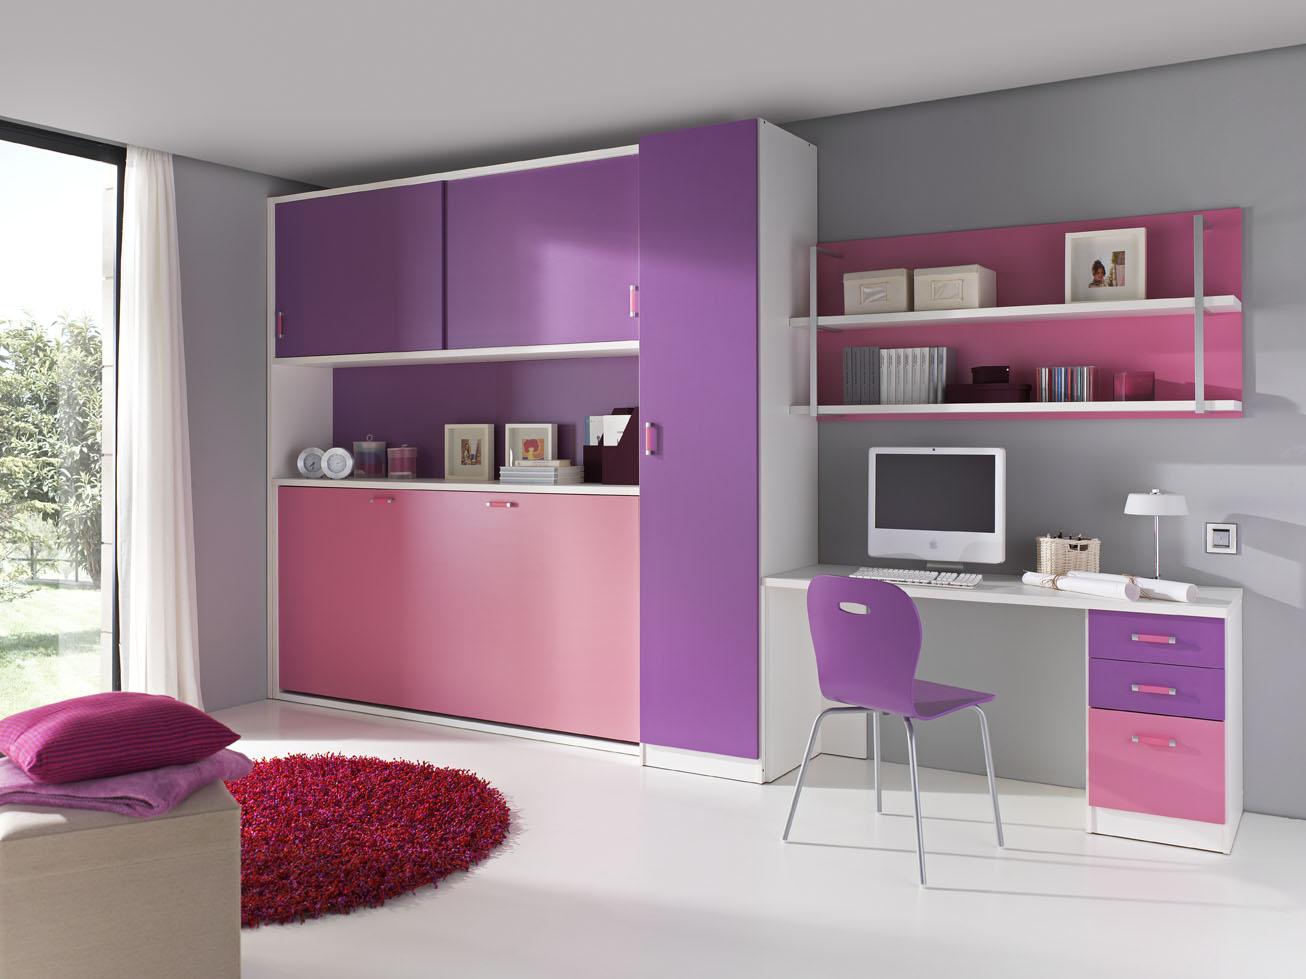 Decoraci N De Cuartos Infantiles Un Reto Asequible Hoy Lowcost # Muebles Necesarios En Un Dormitorio